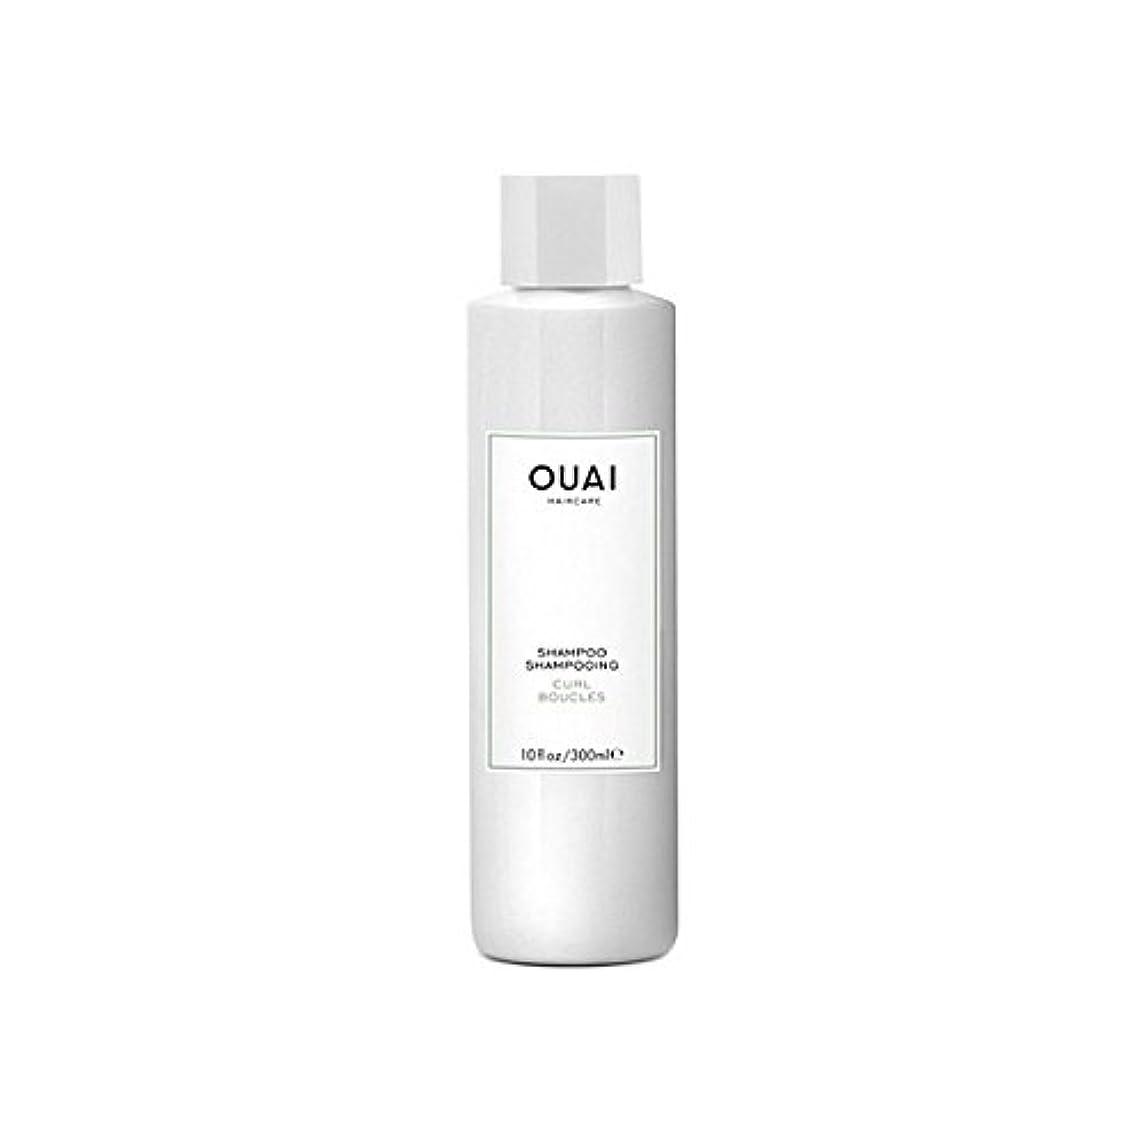 実質的に悔い改め取るに足らないカールシャンプー300ミリリットル x4 - Ouai Curl Shampoo 300ml (Pack of 4) [並行輸入品]